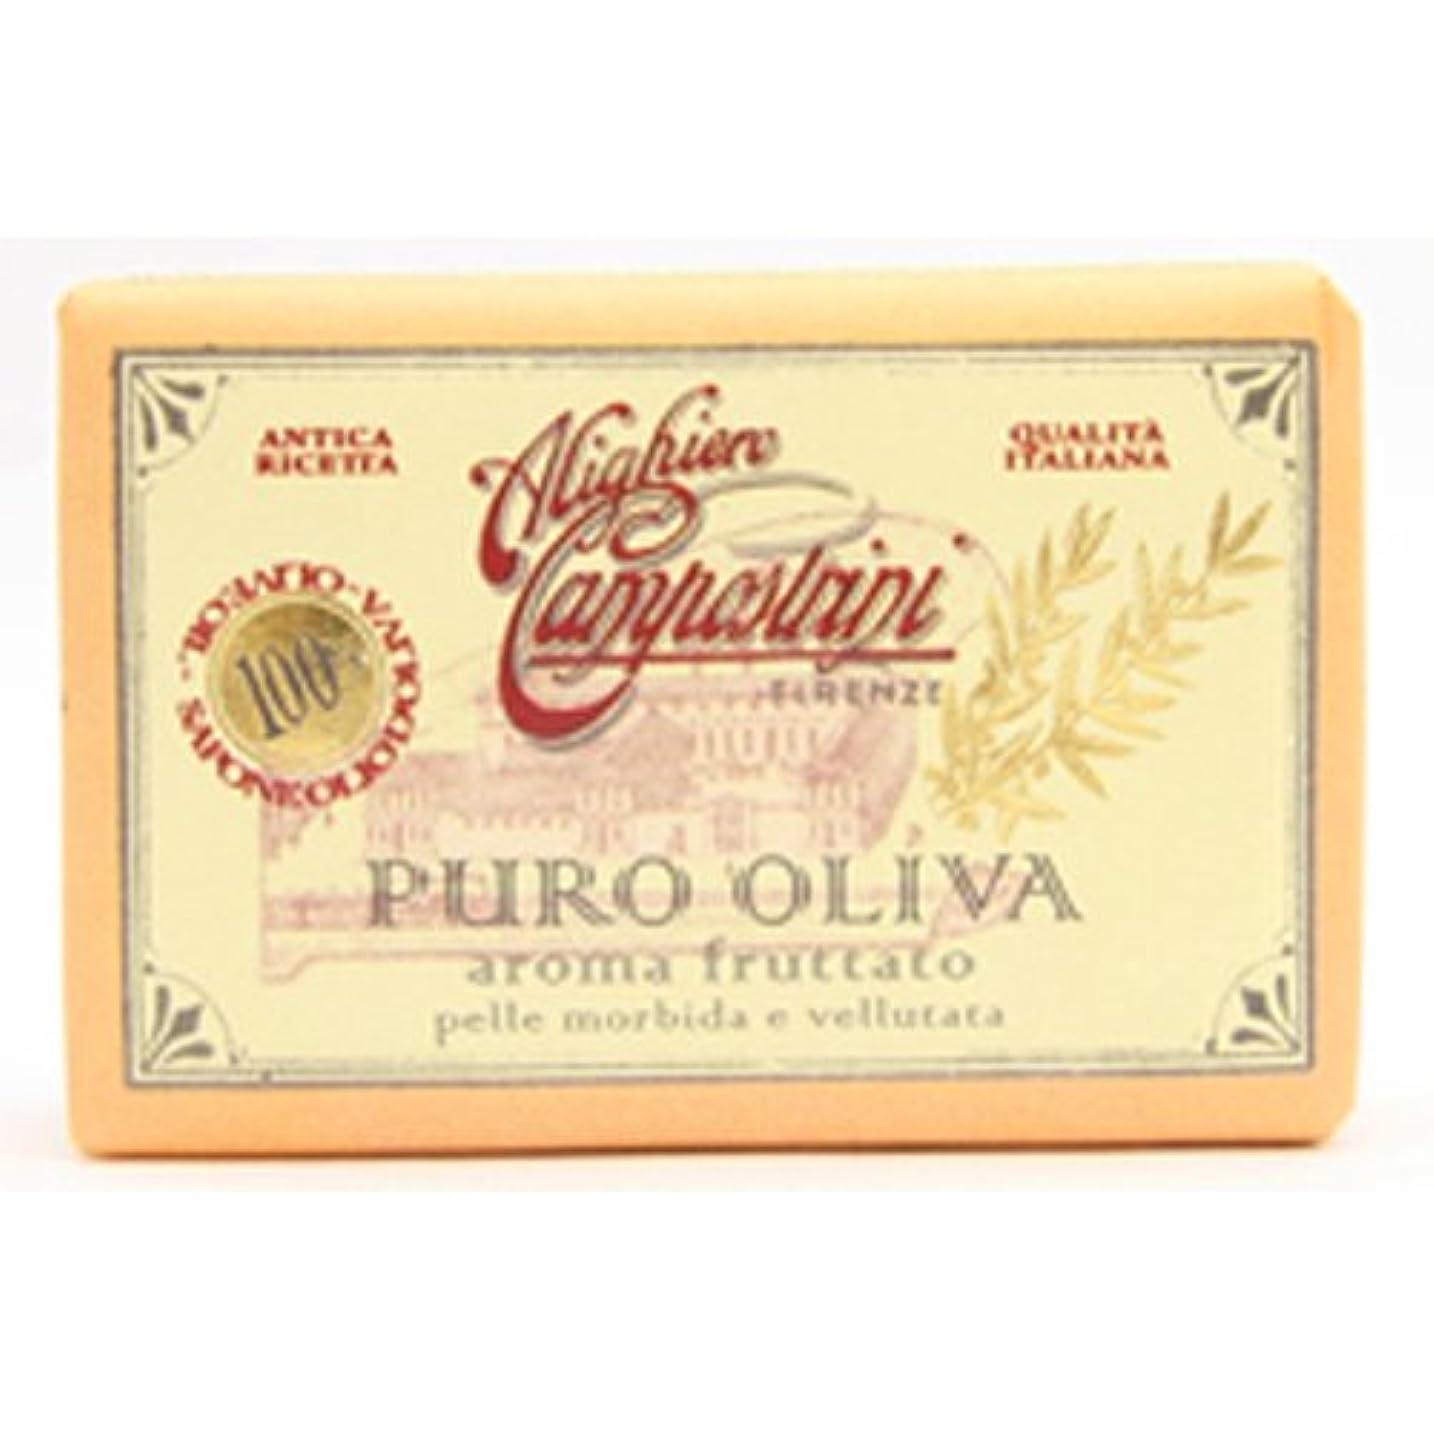 下に異邦人シーボードSaponerire Fissi サポネリーフィッシー PURO OLIVA Soap オリーブオイル ピュロ ソープ Aroma fruttato フルーツ(オレンジ)